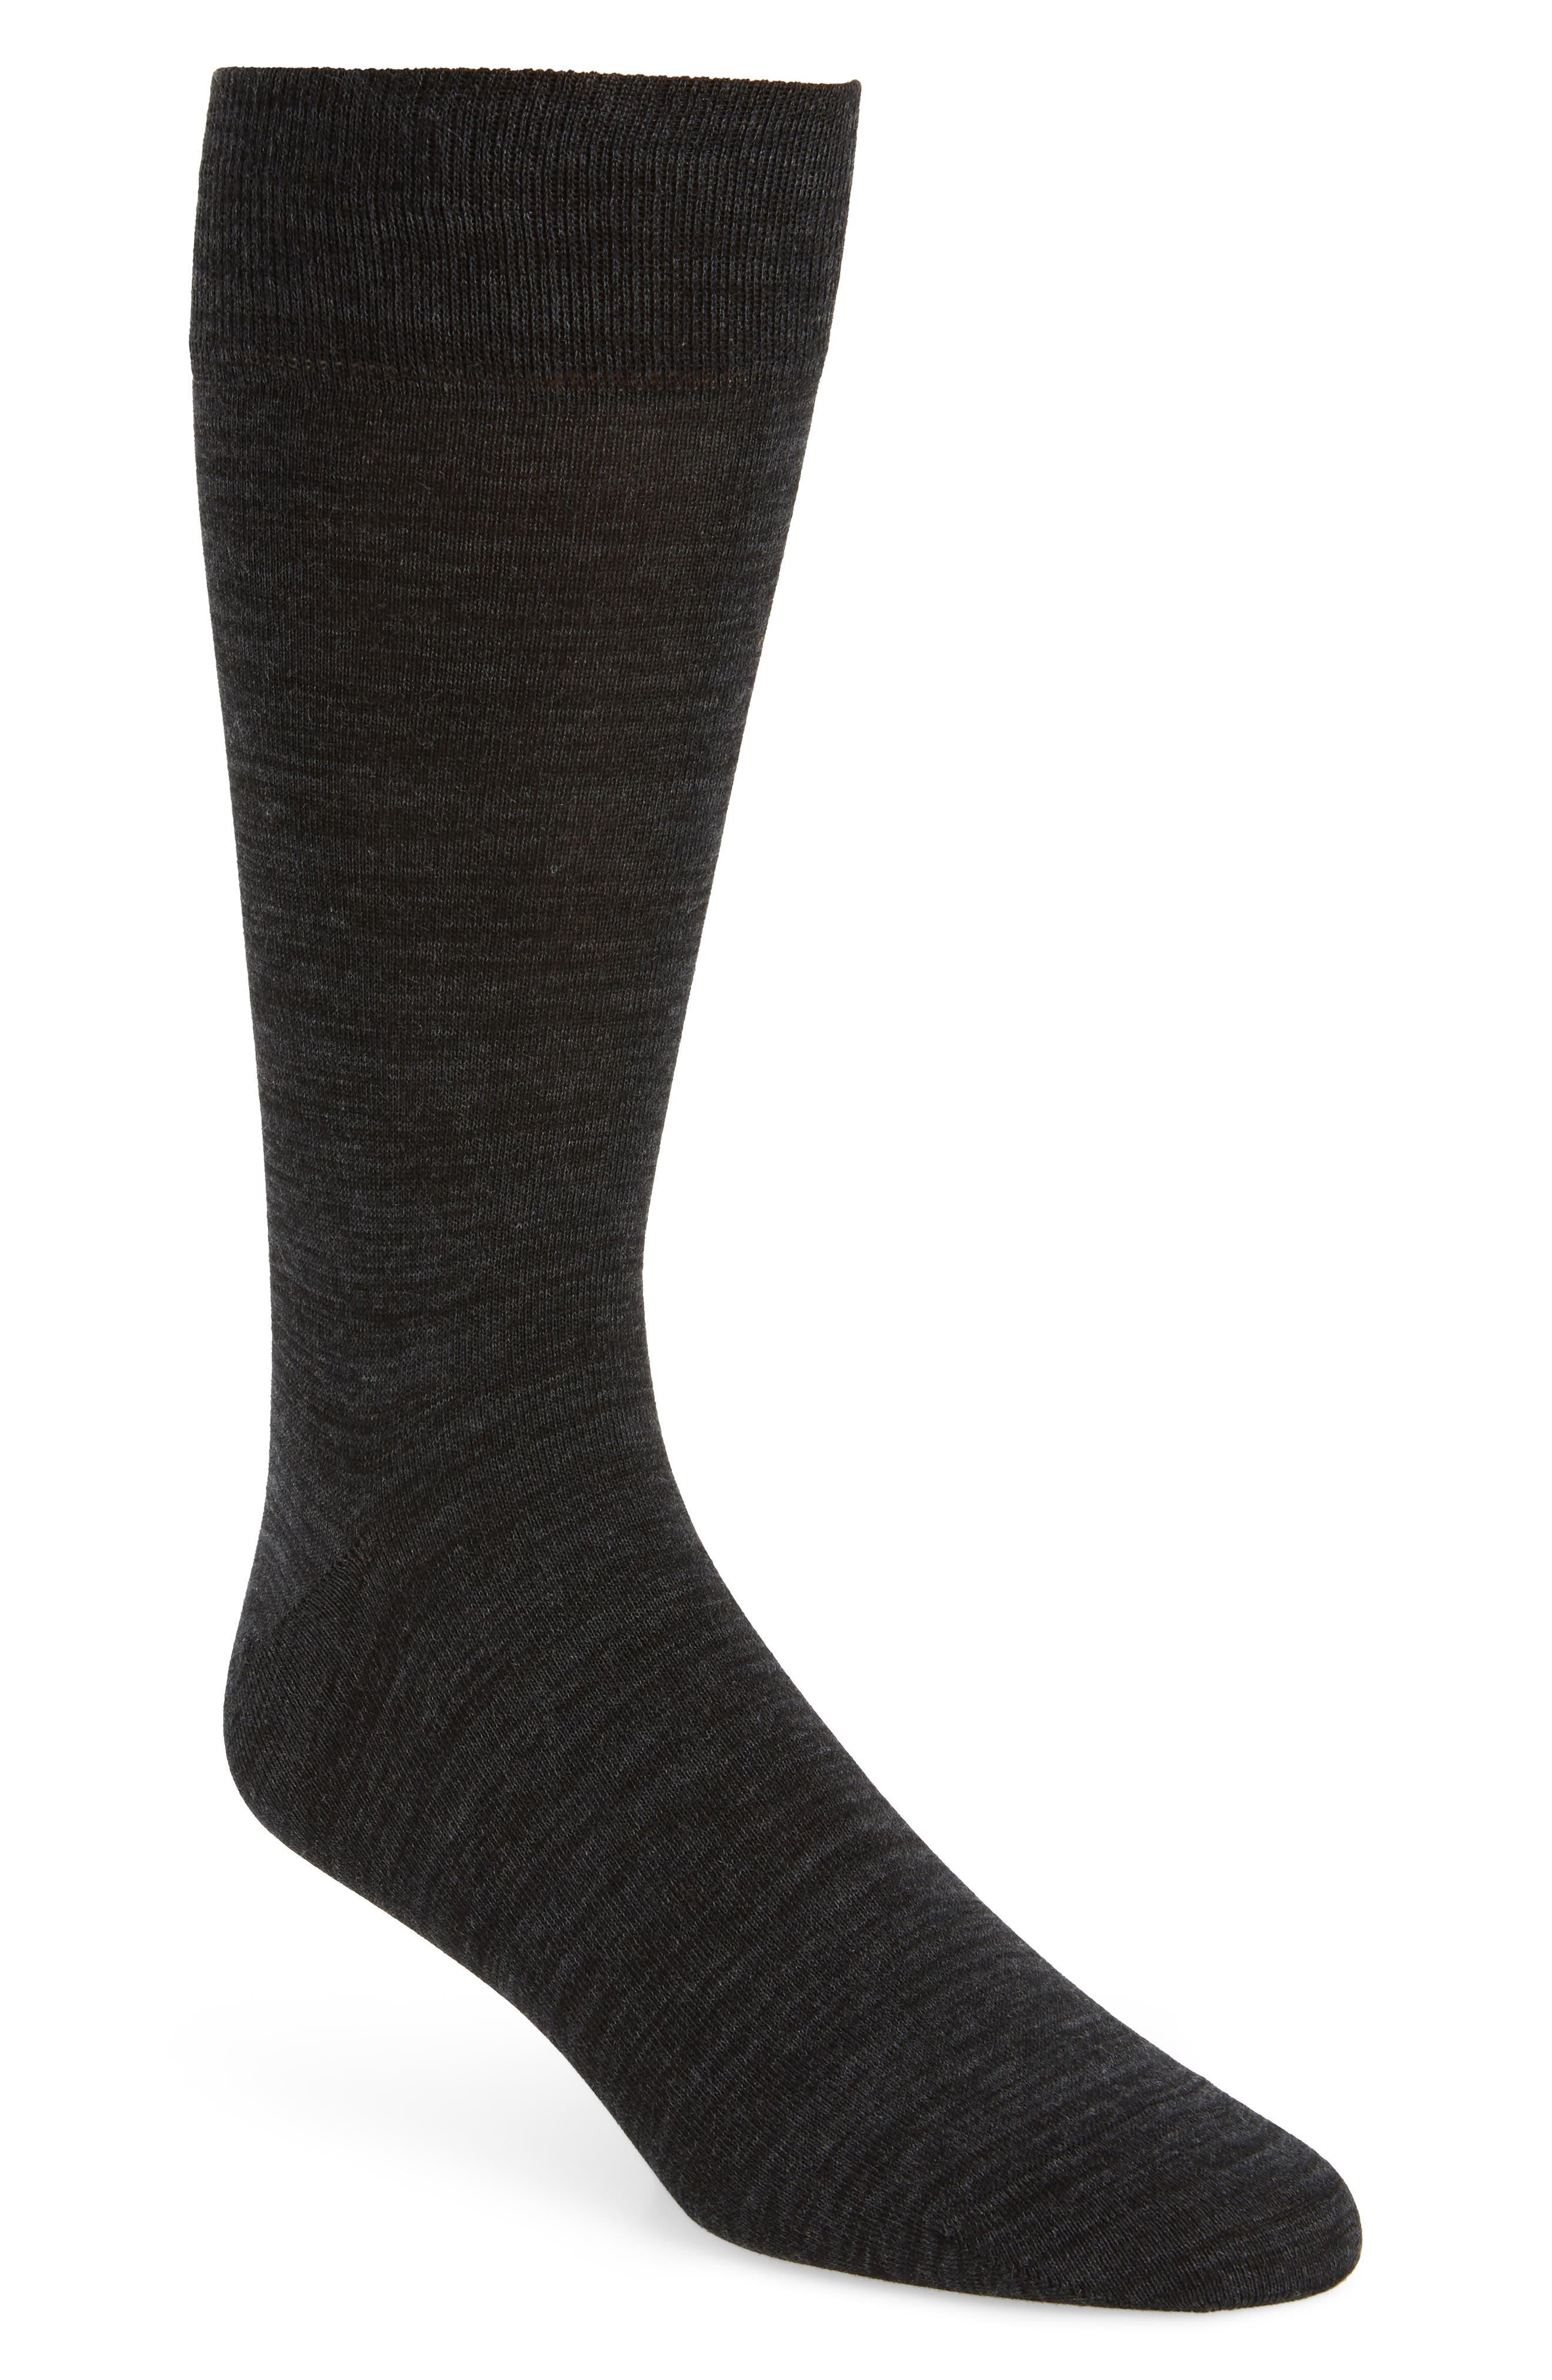 Solid Socks,                             Main thumbnail 1, color,